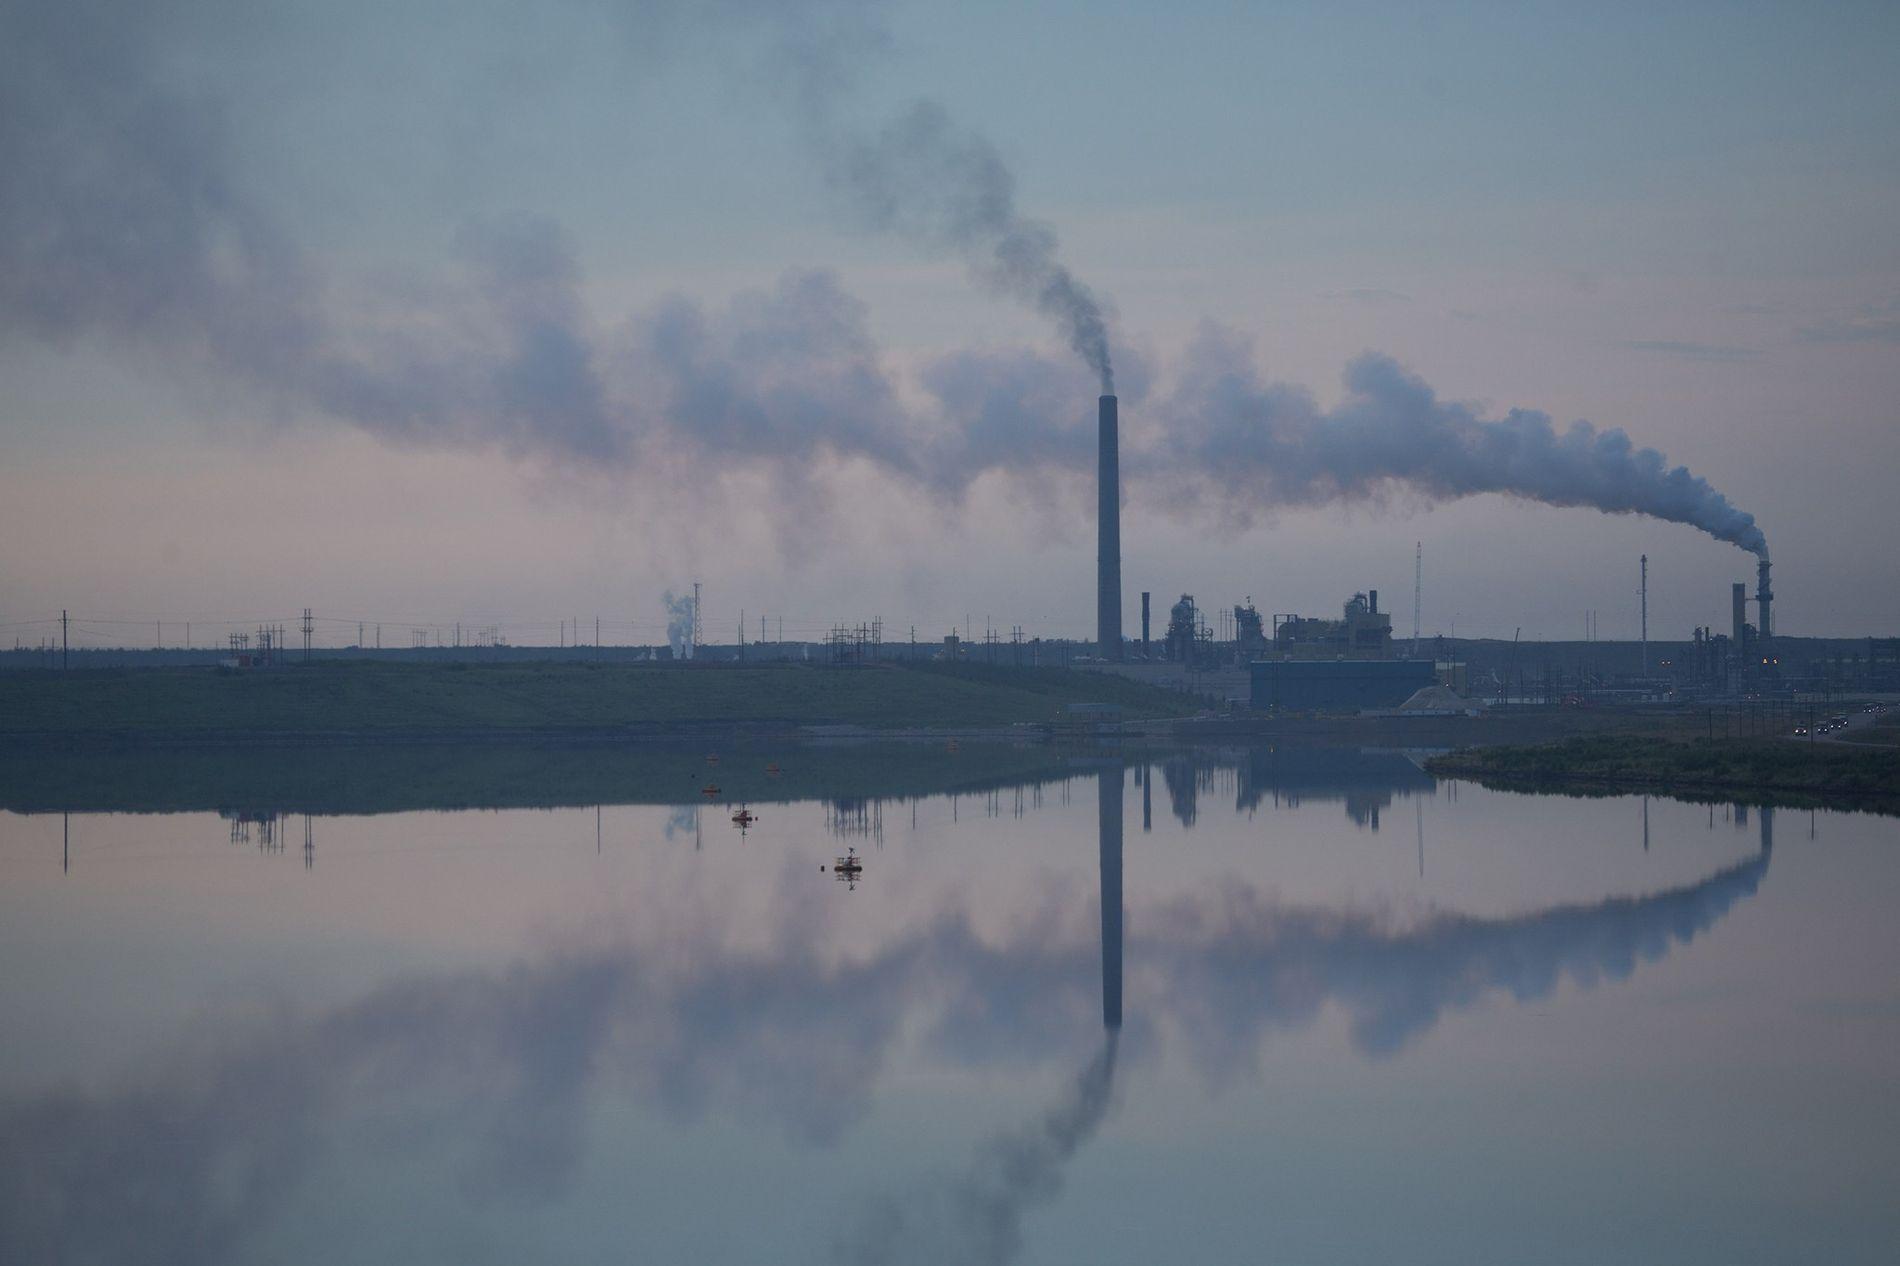 Las instalaciones de procesamiento de arenas bituminosas como esta de Canadá emiten más gases de efecto invernadero que la producción de petróleo crudo. Según un nuevo informe, si los gobiernos quieren evitar la catástrofe climática, deberán remplazar el petróleo por fuentes de energía renovables y sin carbono para mediados de siglo.